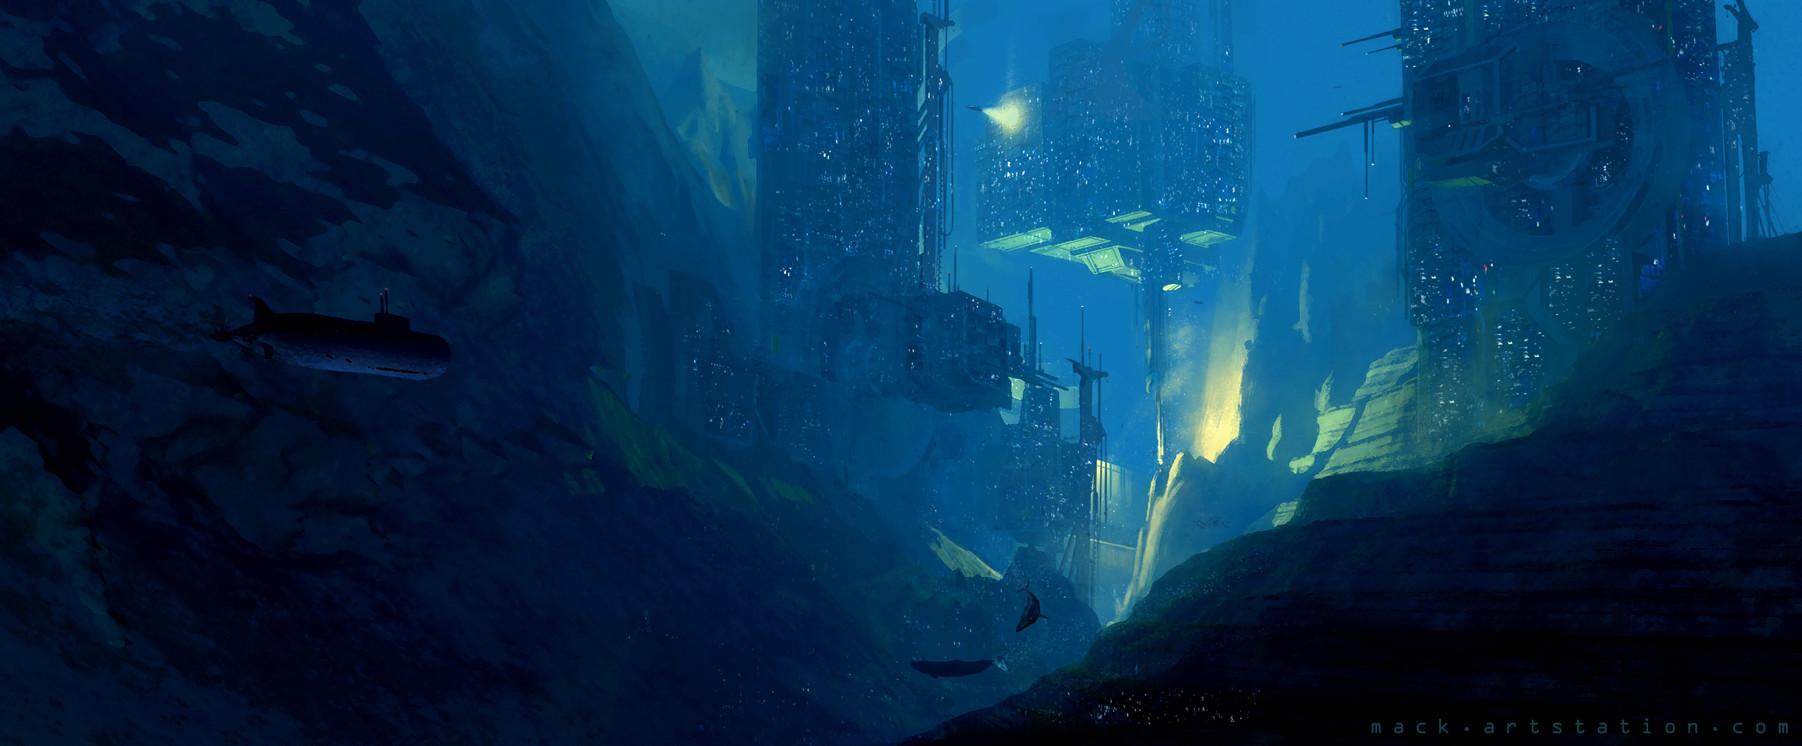 Mack sztaba underwater base2